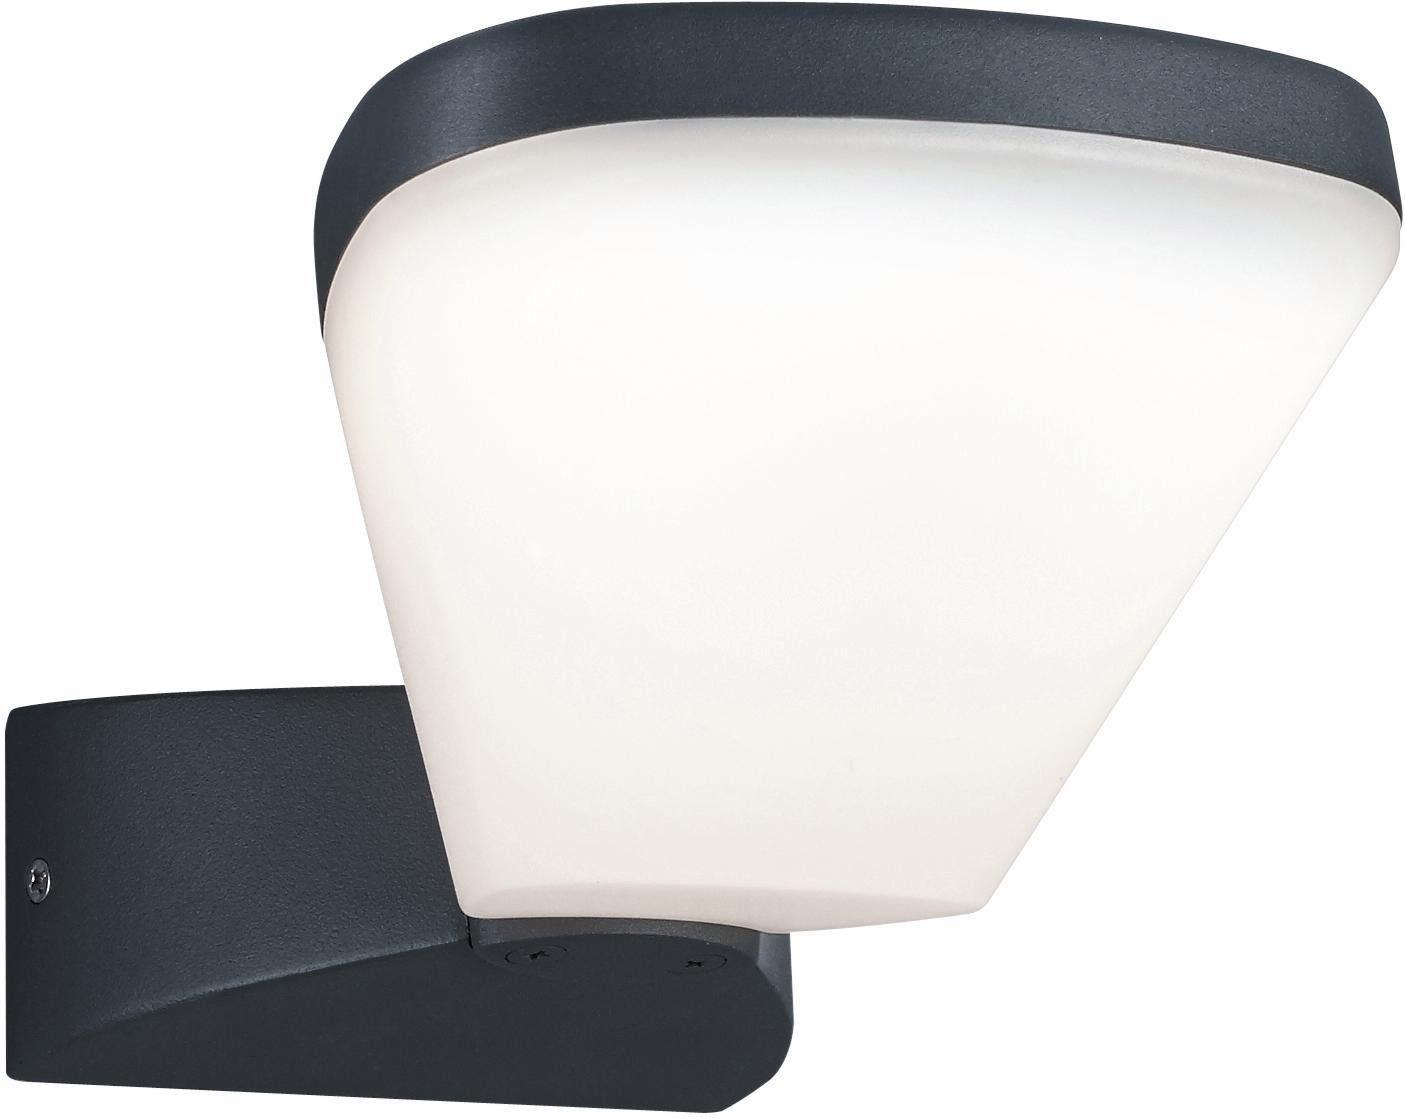 TRIO Leuchten LED Außenleuchte, 1flg, Wandleuchte, »VOLTURNO«